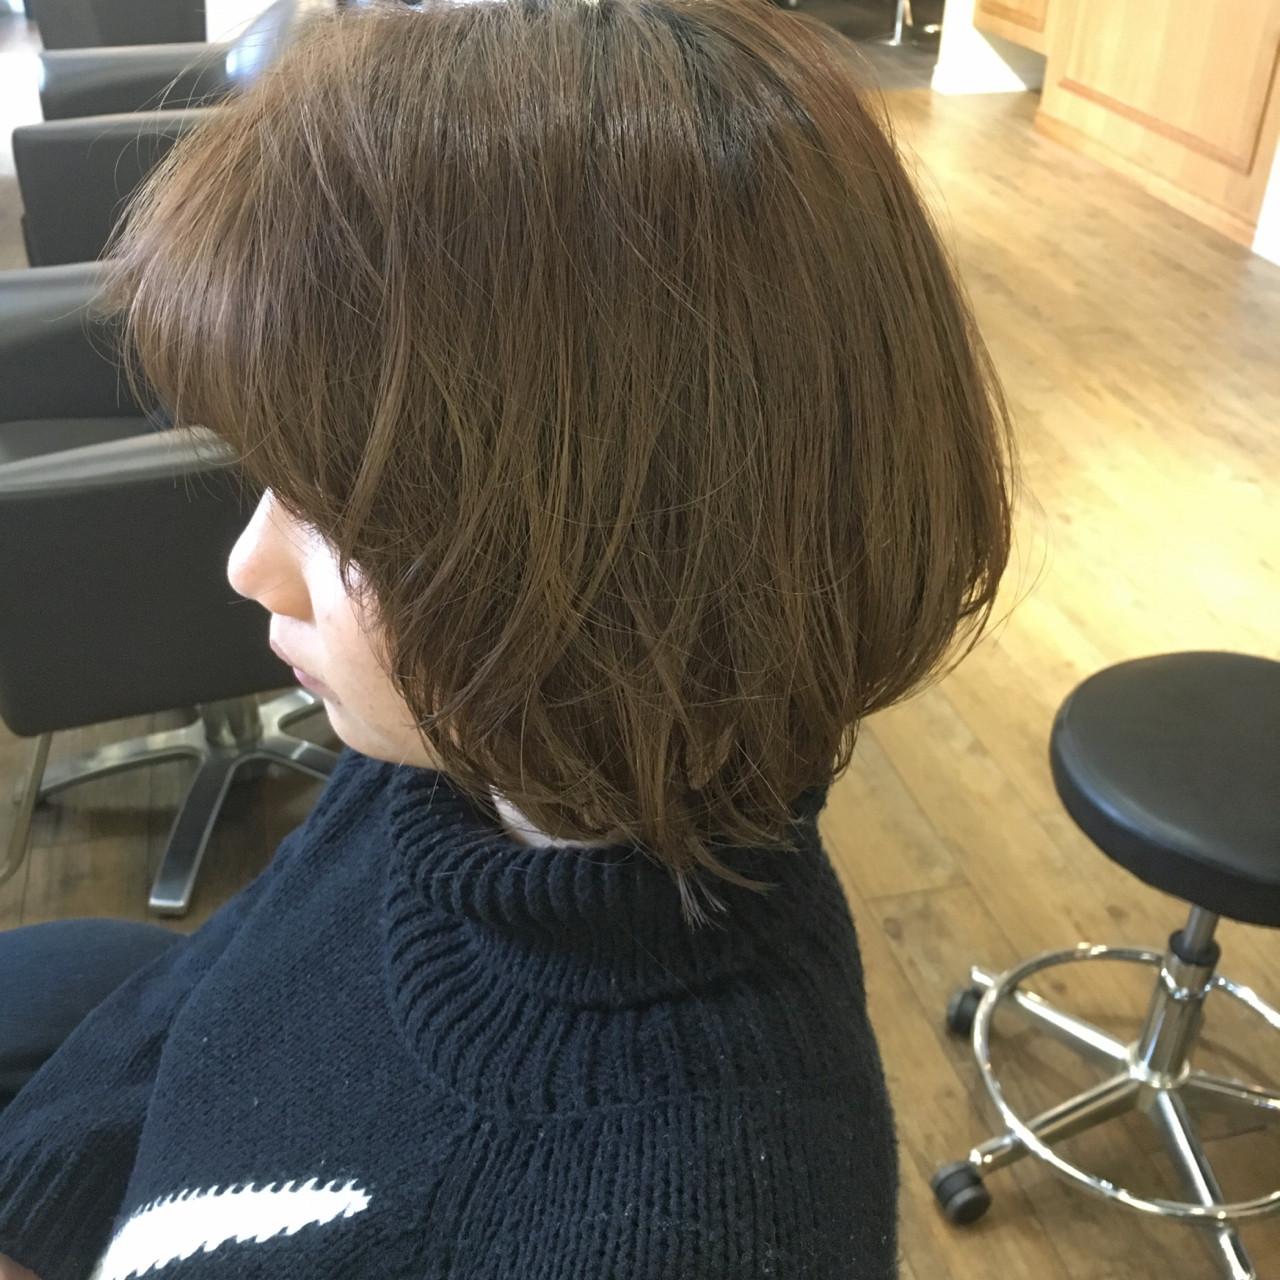 モード ニュアンス ウルフカット レイヤーカット ヘアスタイルや髪型の写真・画像